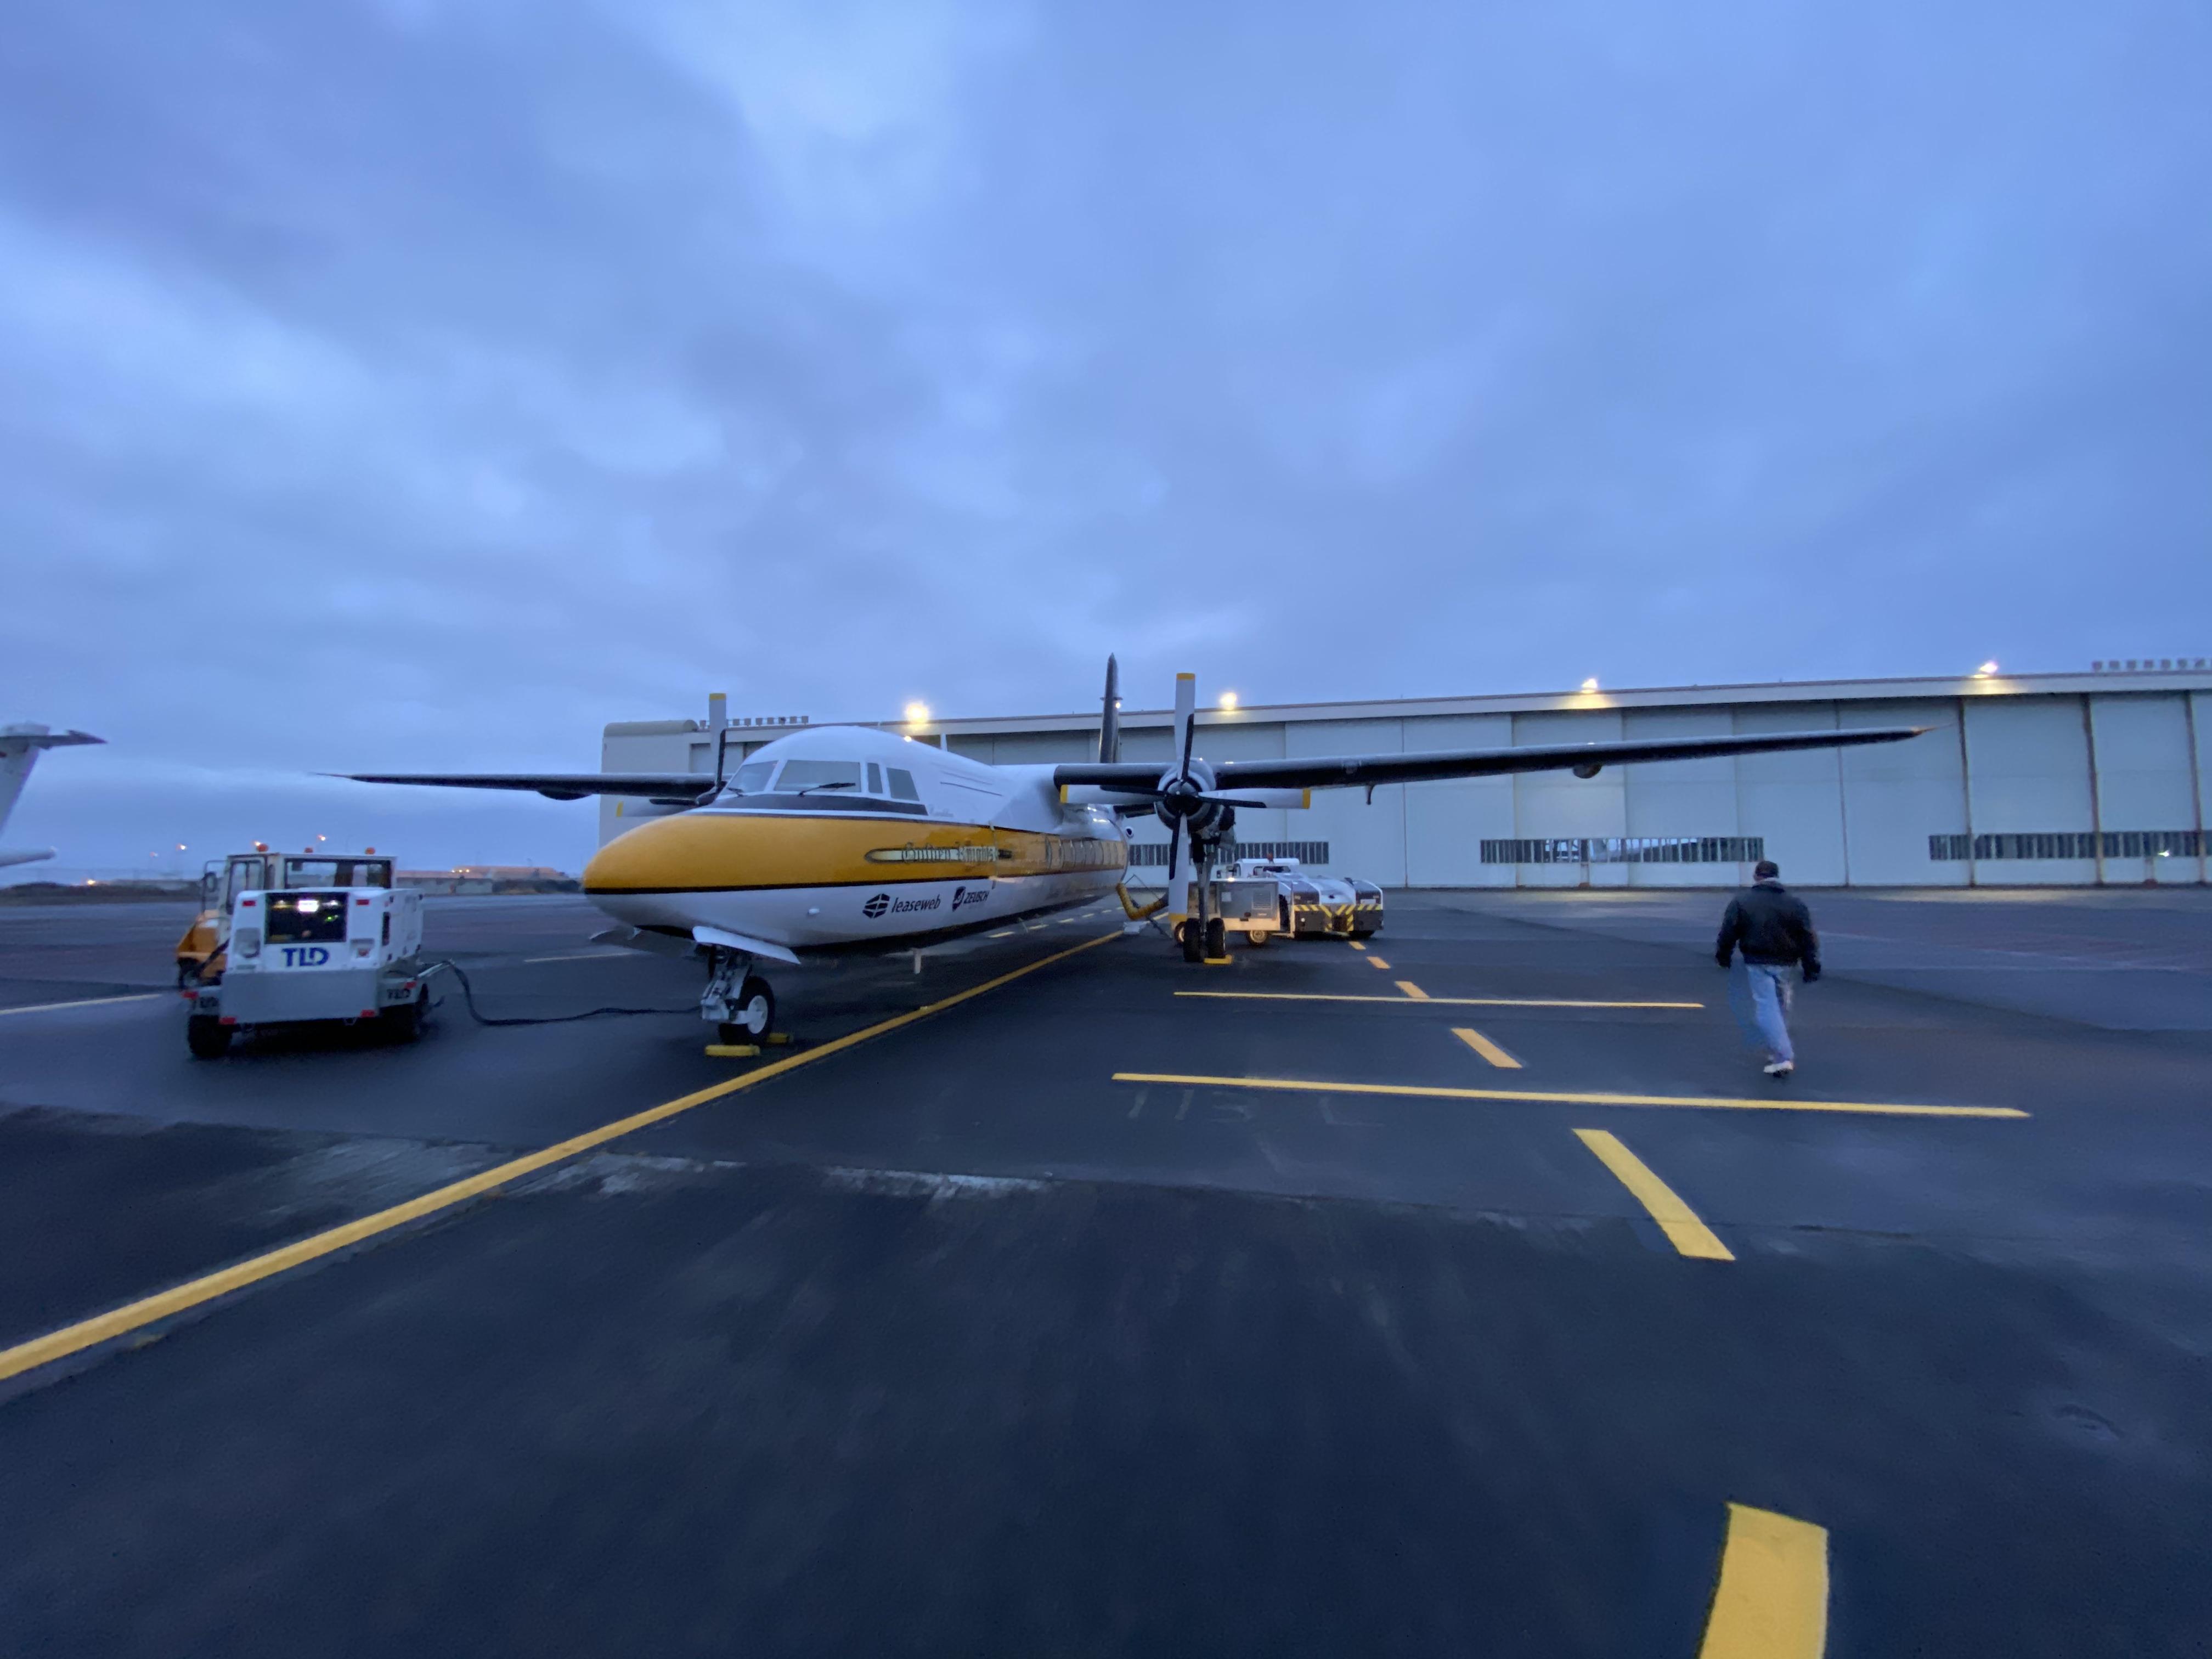 De F27 Excalibur - Van Reykjavik naar Lelystad - De kist wordt alvast verwarmd..